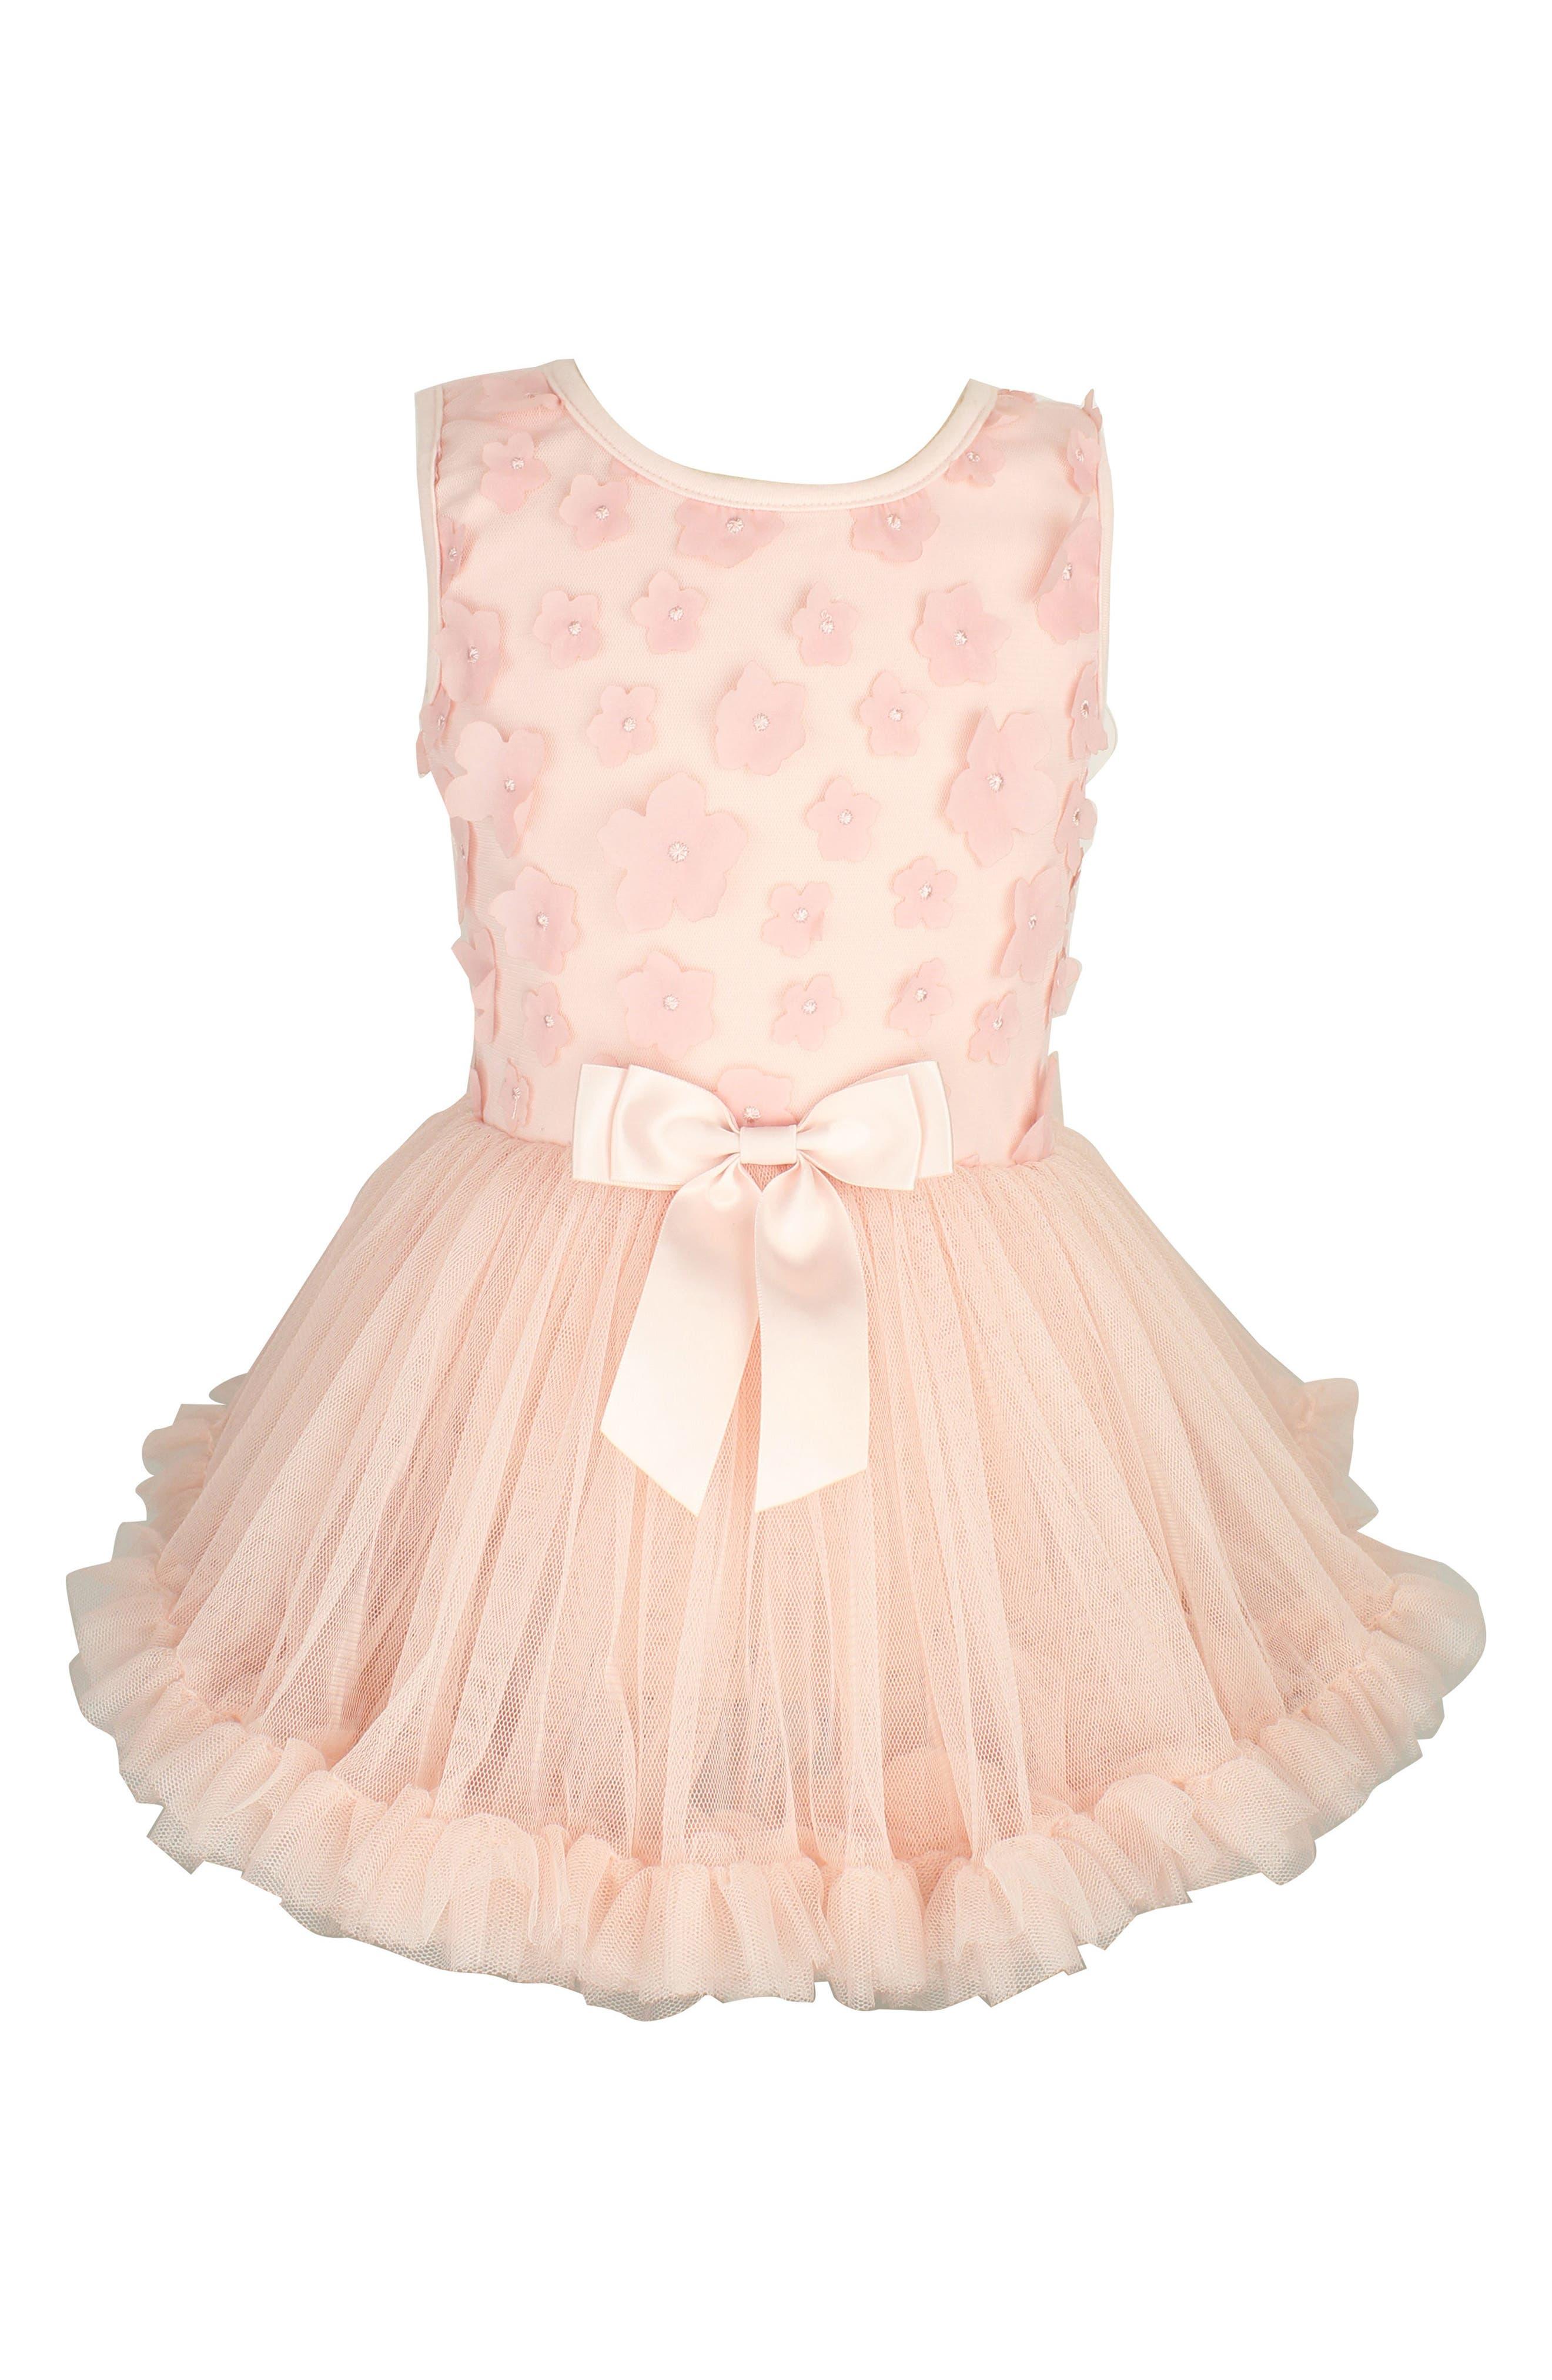 Flower Appliqué Tutu Dress,                         Main,                         color, PINK